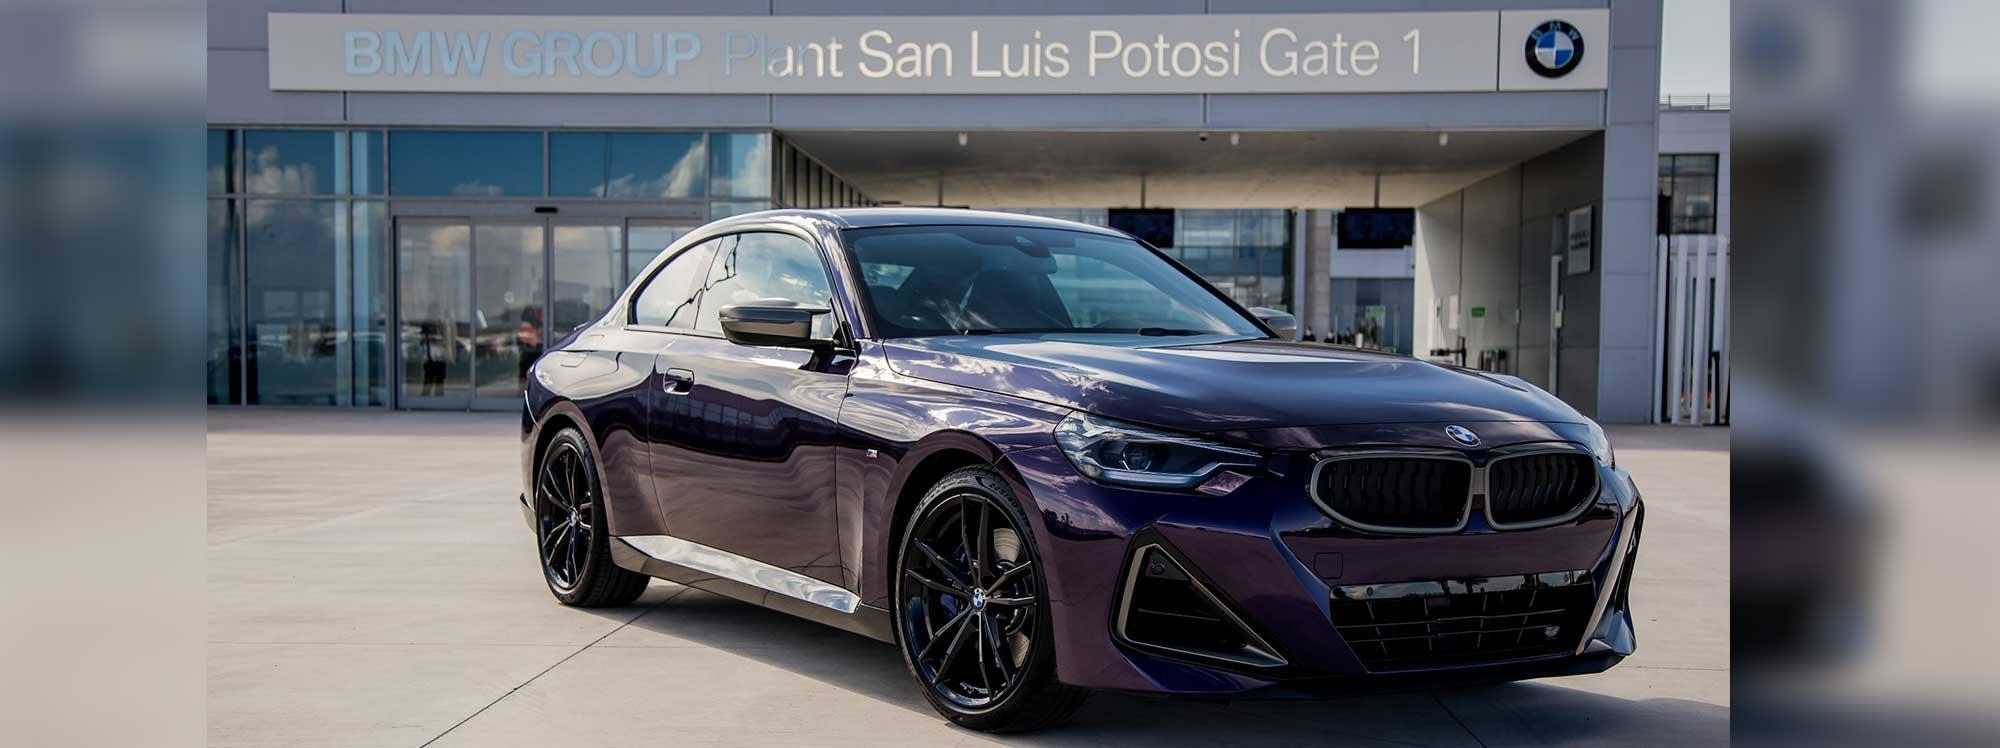 El nuevo BMW Serie 2 Coupé, nacido en Latinoamérica